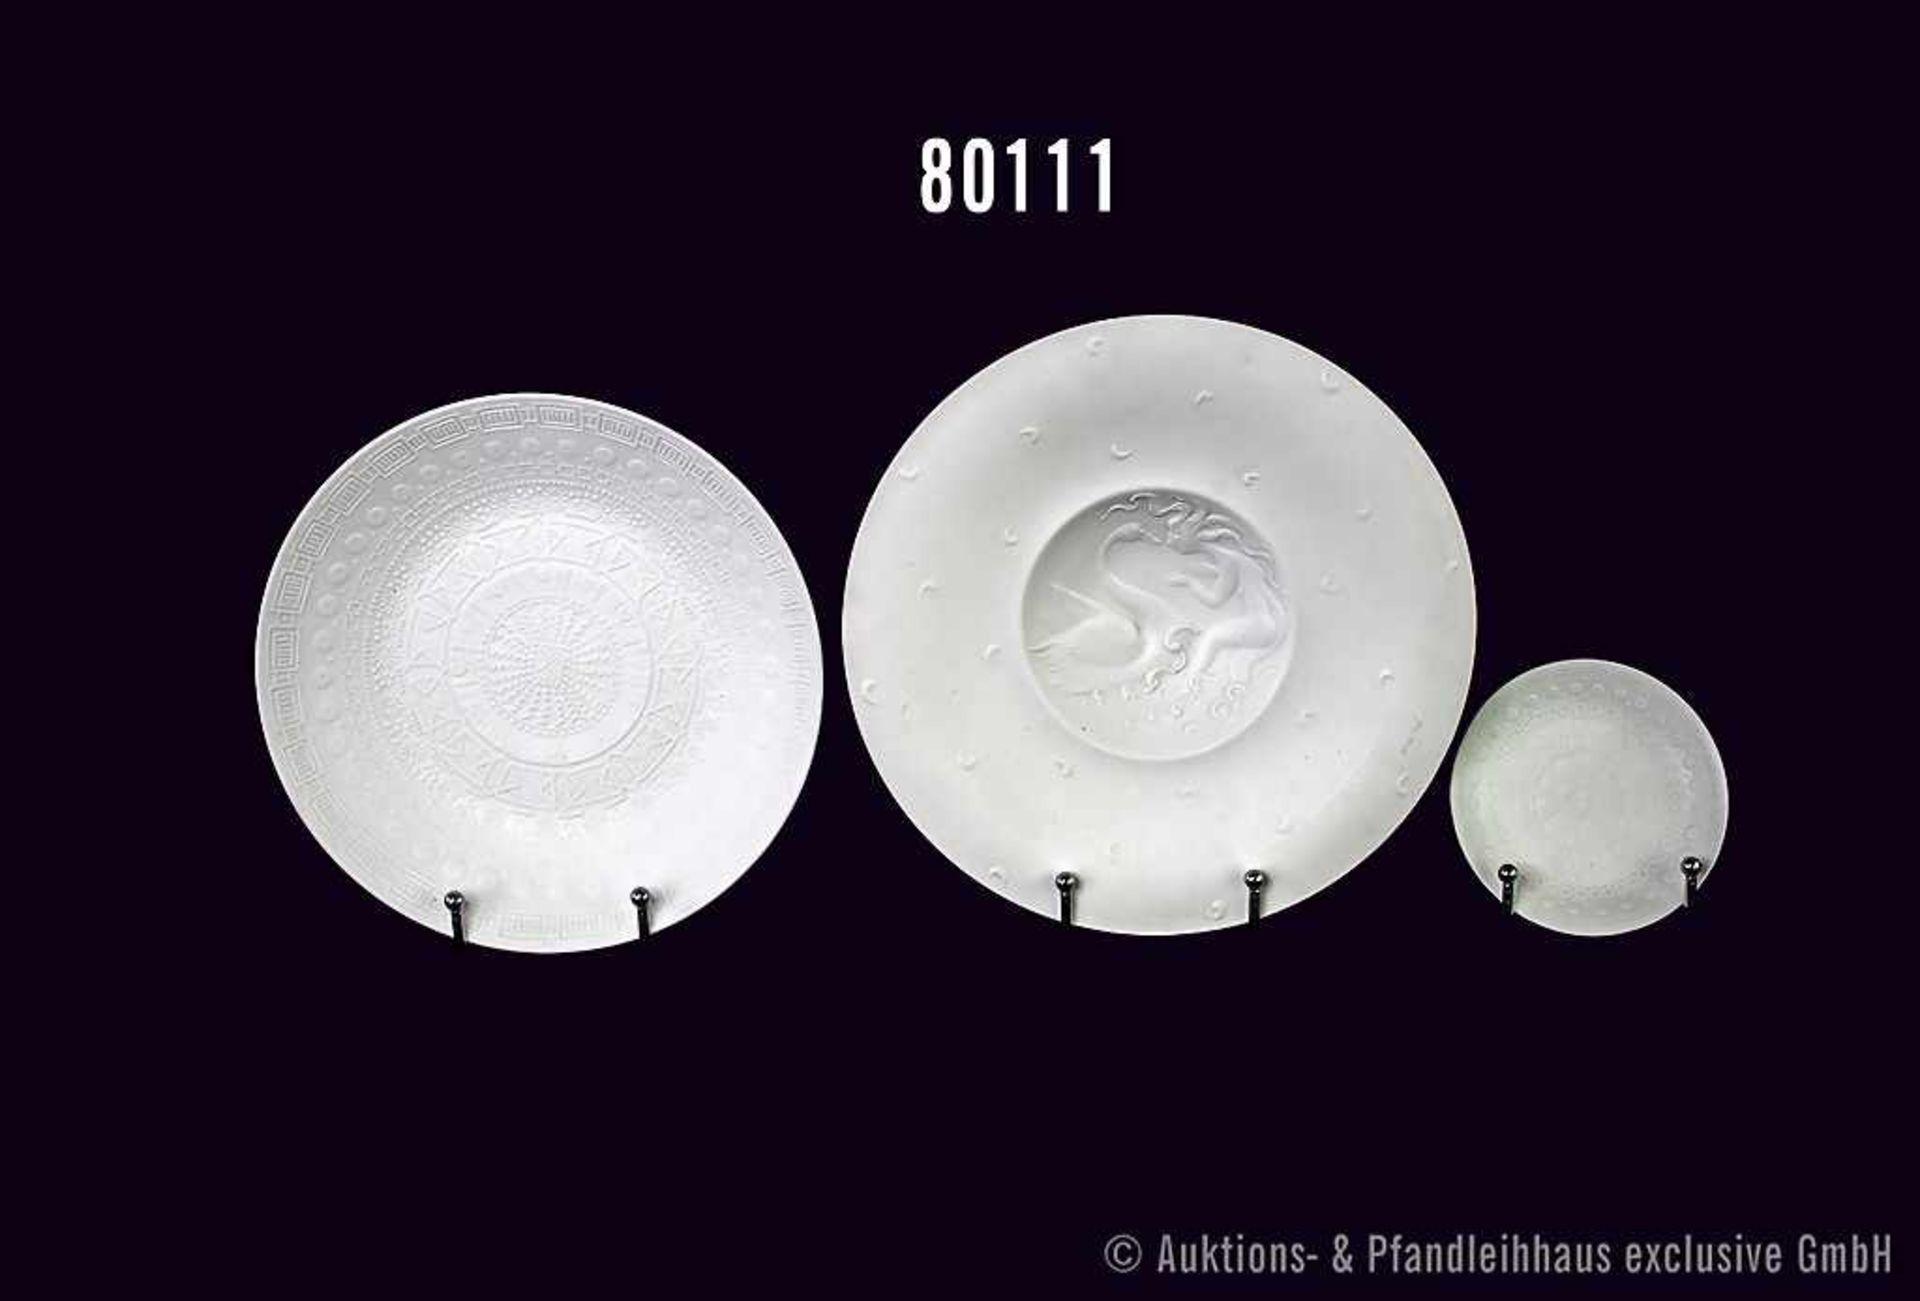 Konv. 3 Teile Rosenthal Porzellan, weiß matt, dabei 1 Schale D 25 cm, runde Prägung auf